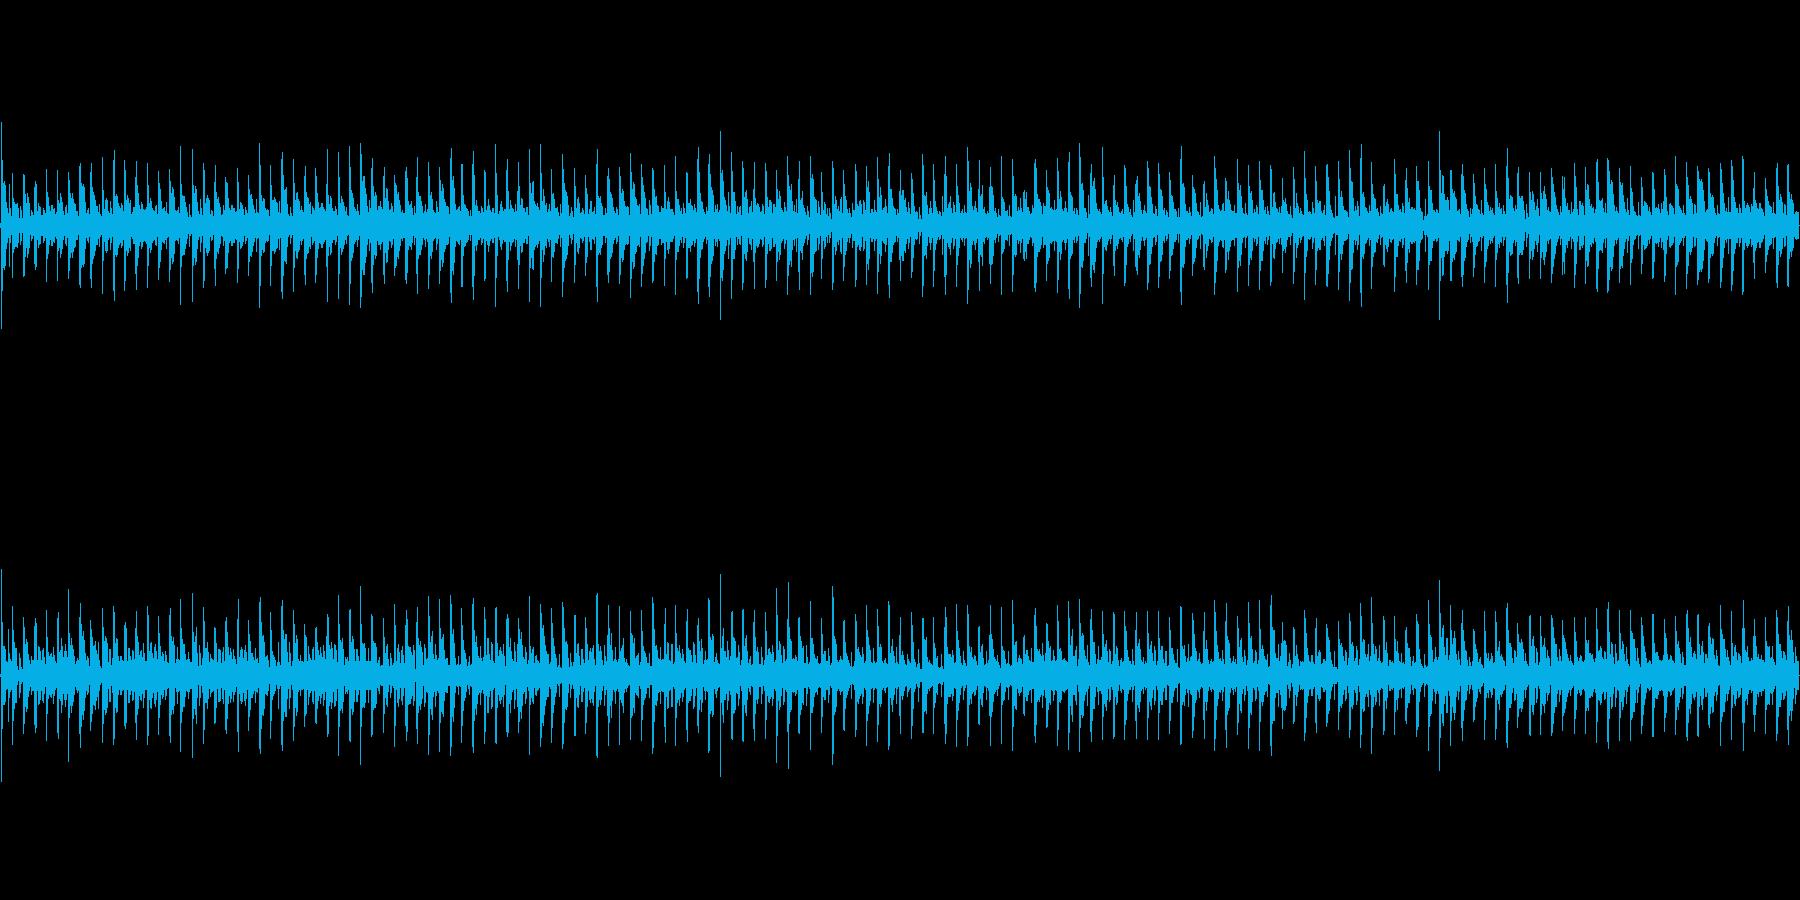 ループ可能。静かで穏やかな曲になってい…の再生済みの波形